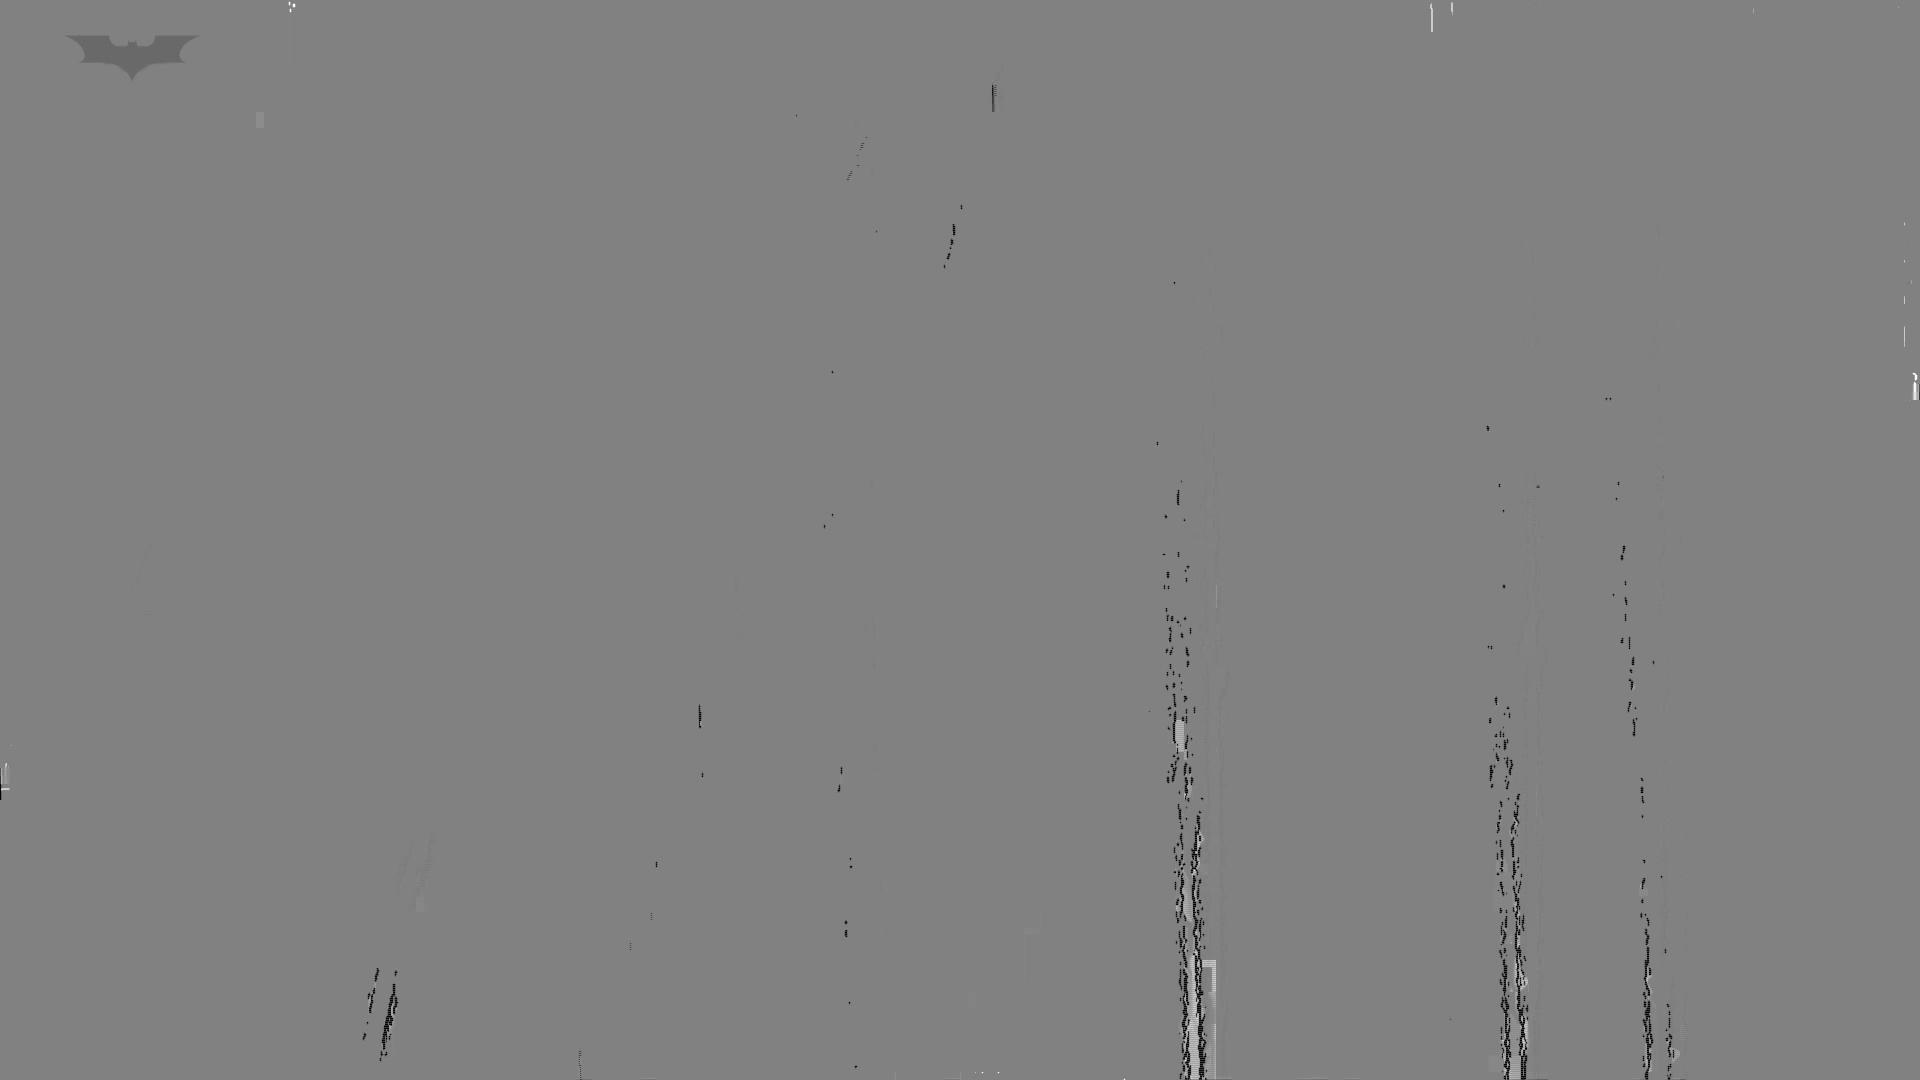 盗撮おまんこ|美しい日本の未来 No.21 鼻血注意!!|怪盗ジョーカー